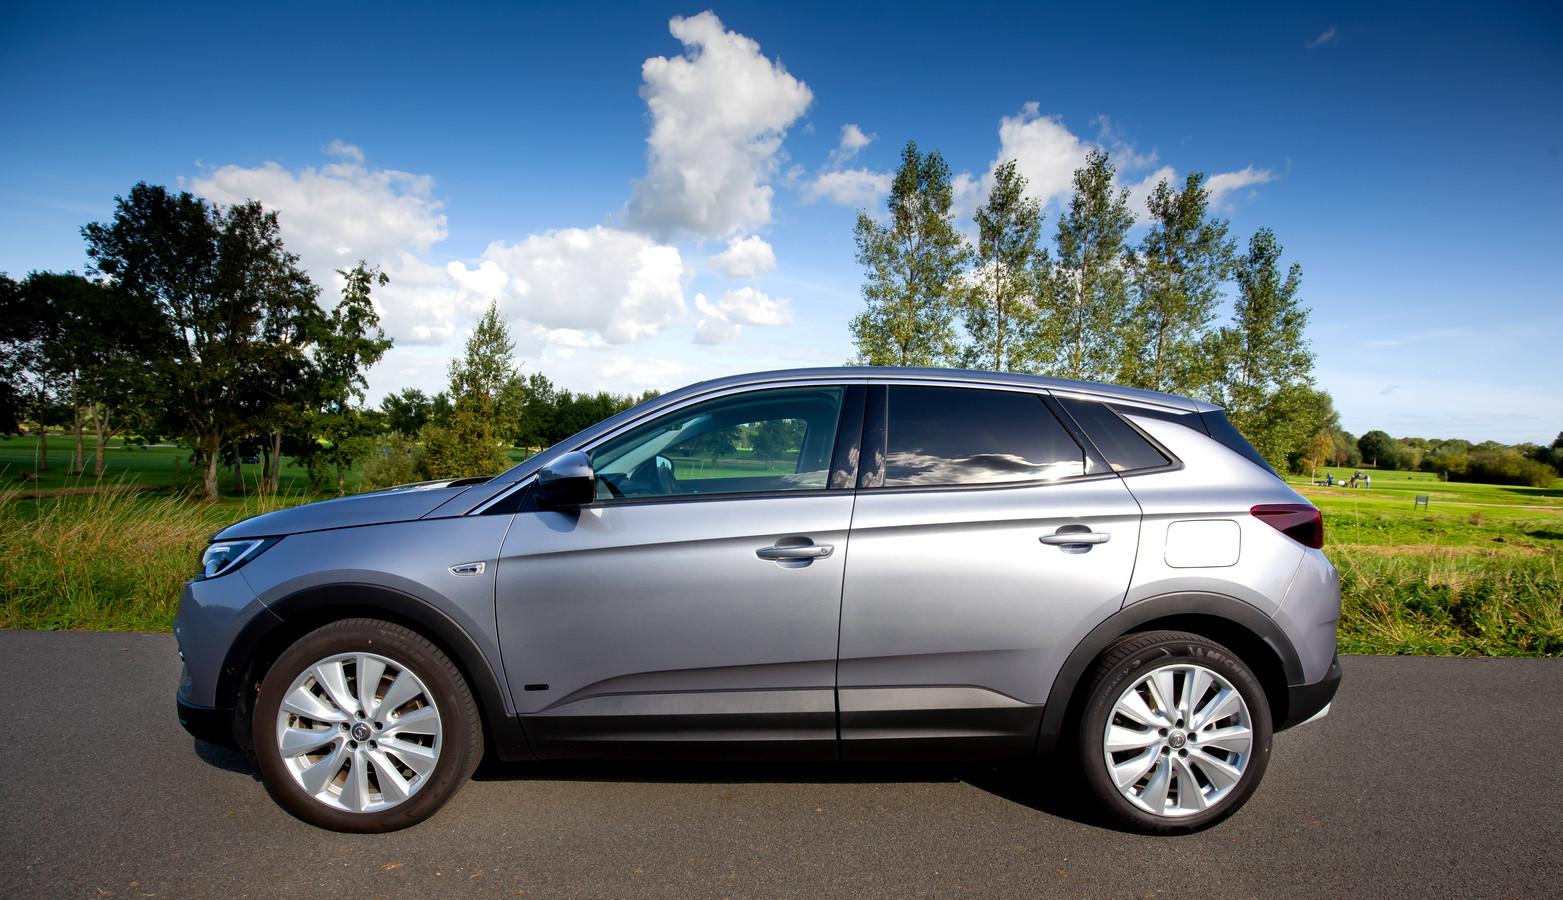 De Opel Grandland X is een plug-in hybride met forse motorkracht.